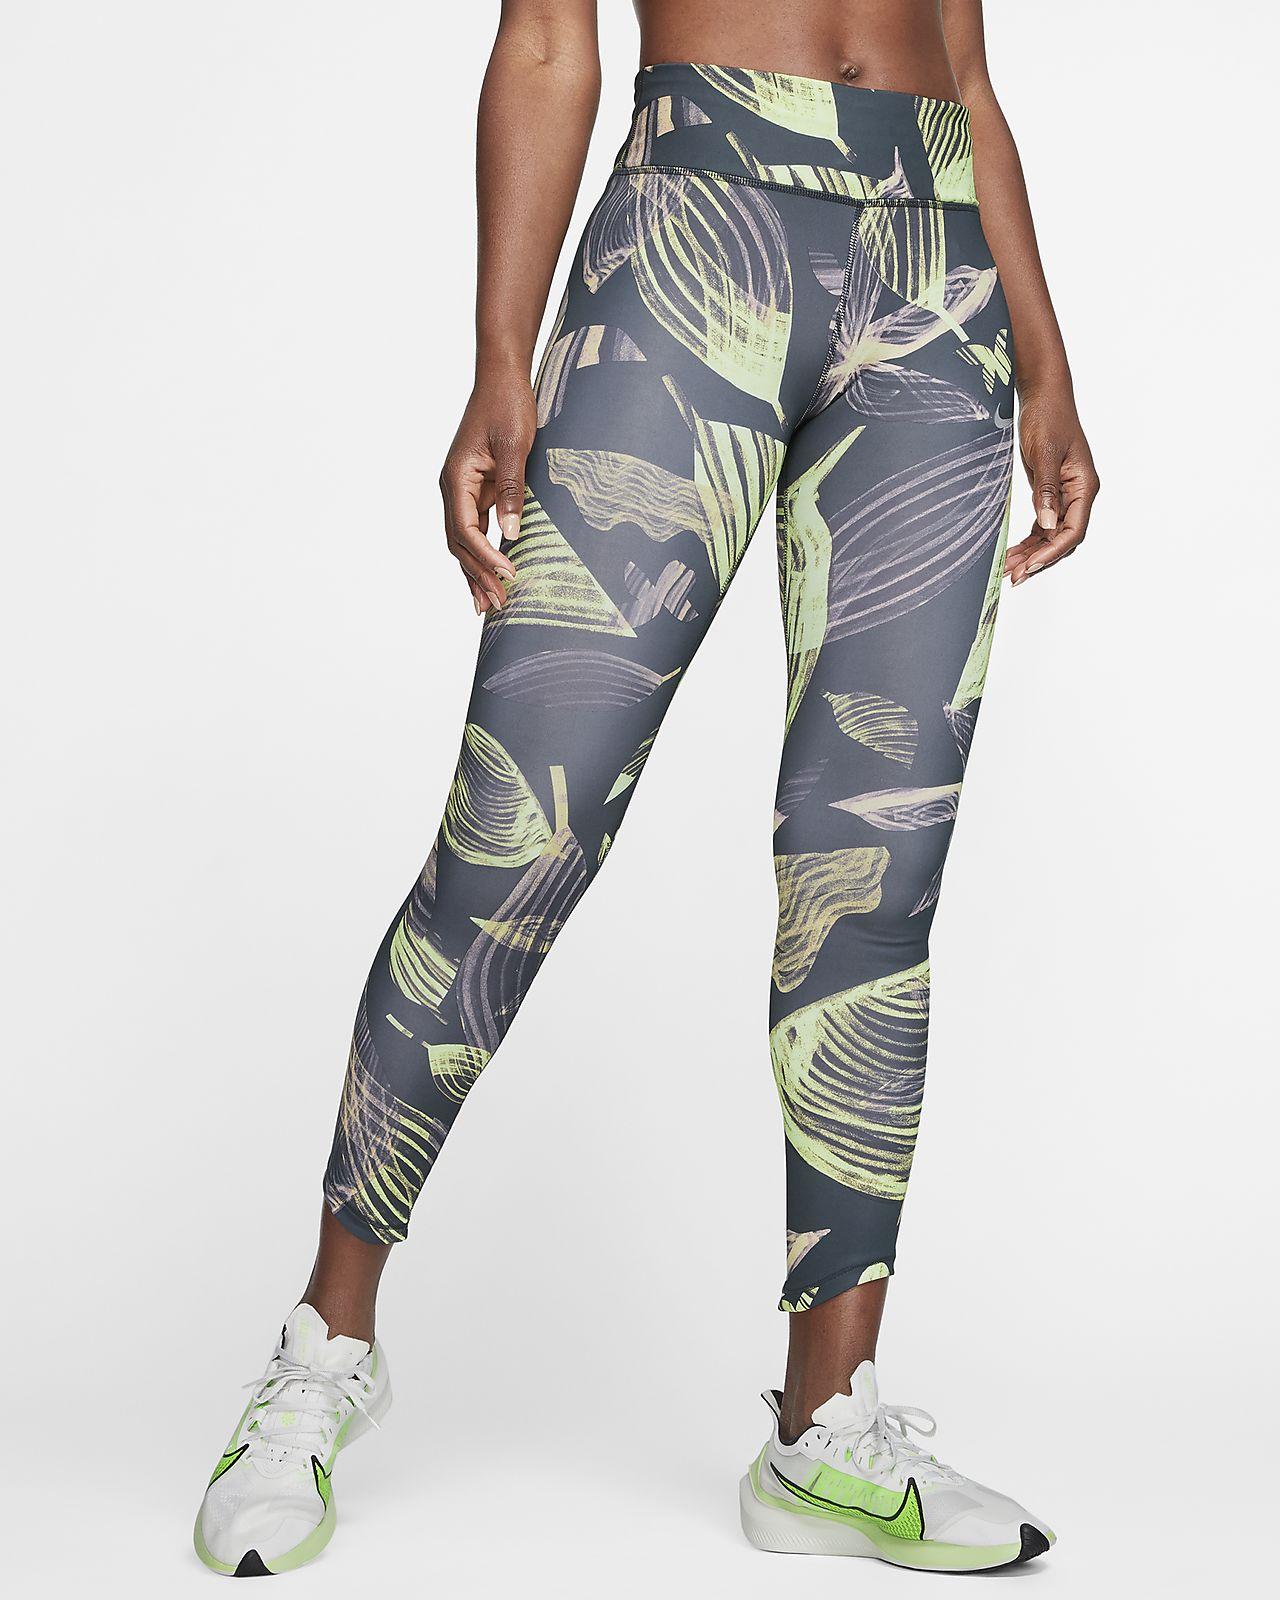 Γυναικείο κολάν 7/8 για τρέξιμο Nike Epic Lux